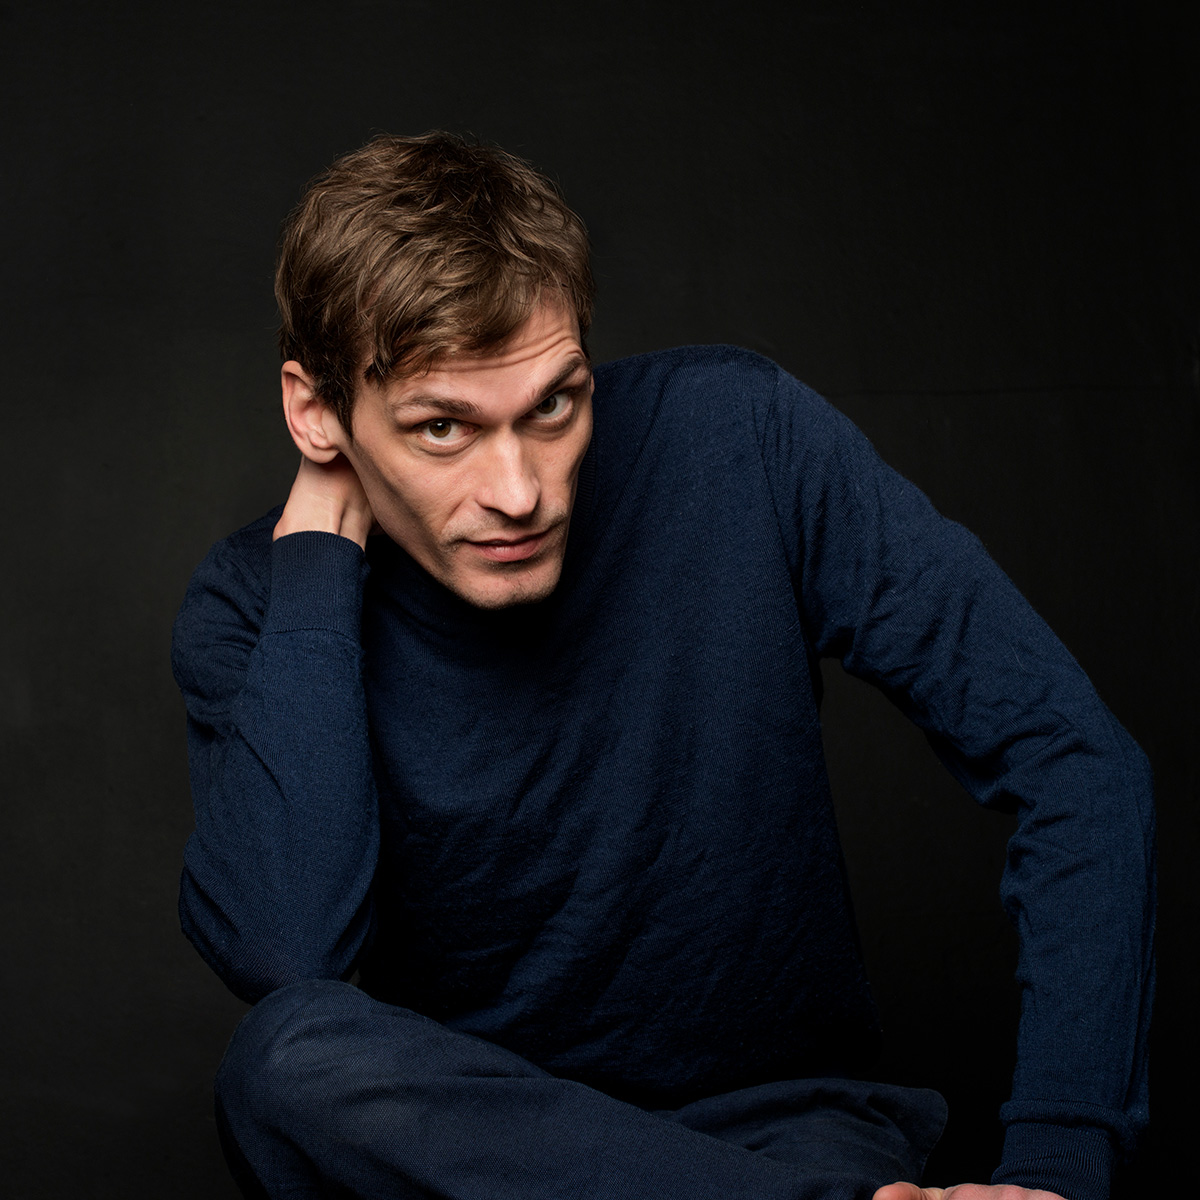 Wolfram Schorlemmer Schauspieler bei der Agentur Underplay Berlin